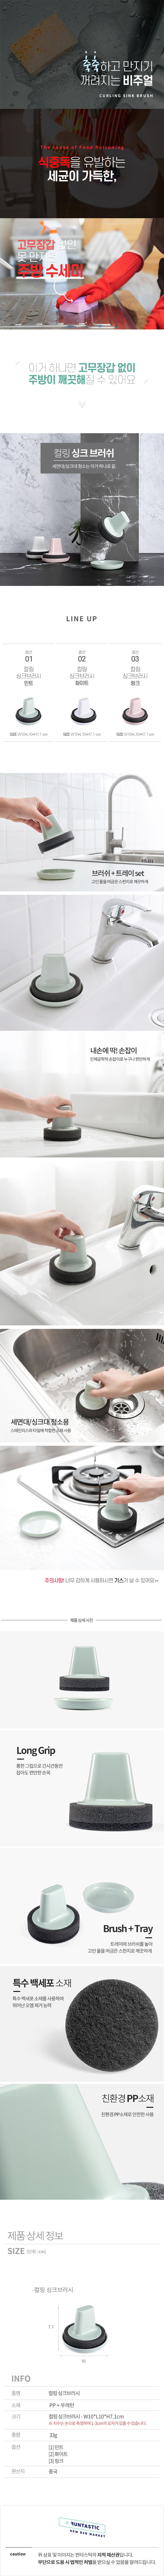 싱크대 세면대 화장실 청소솔 싱크브러쉬 컬링 싱크브러시 - 옐로우랩, 7,900원, 설거지 용품, 수세미